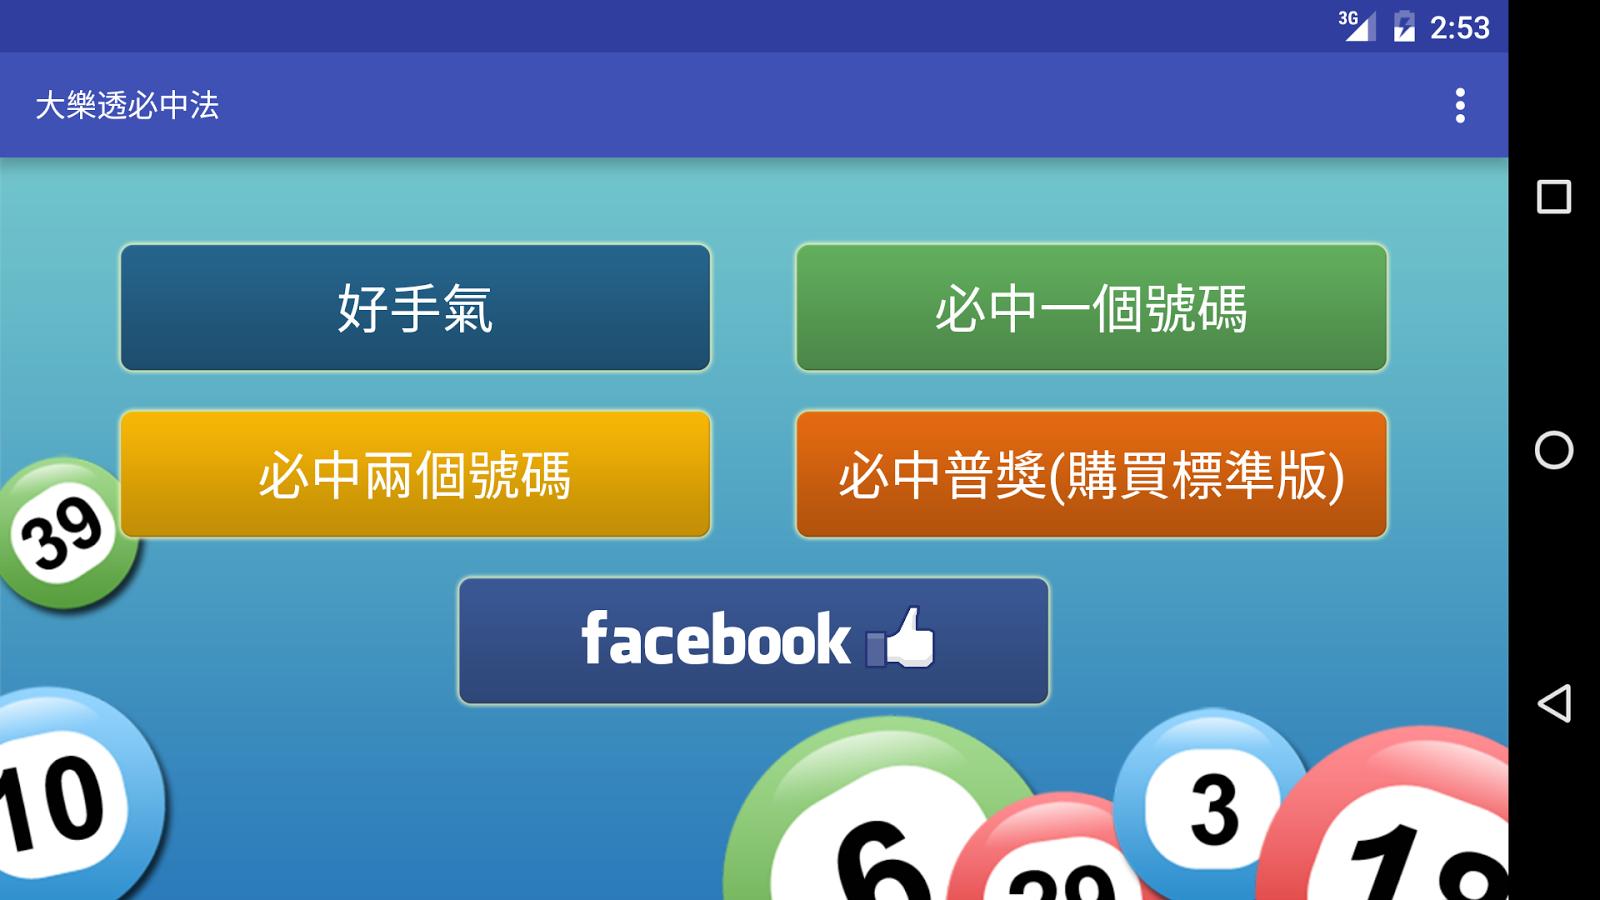 大樂透必中法(免費版) - Google Play 上的 Andr oid 應用